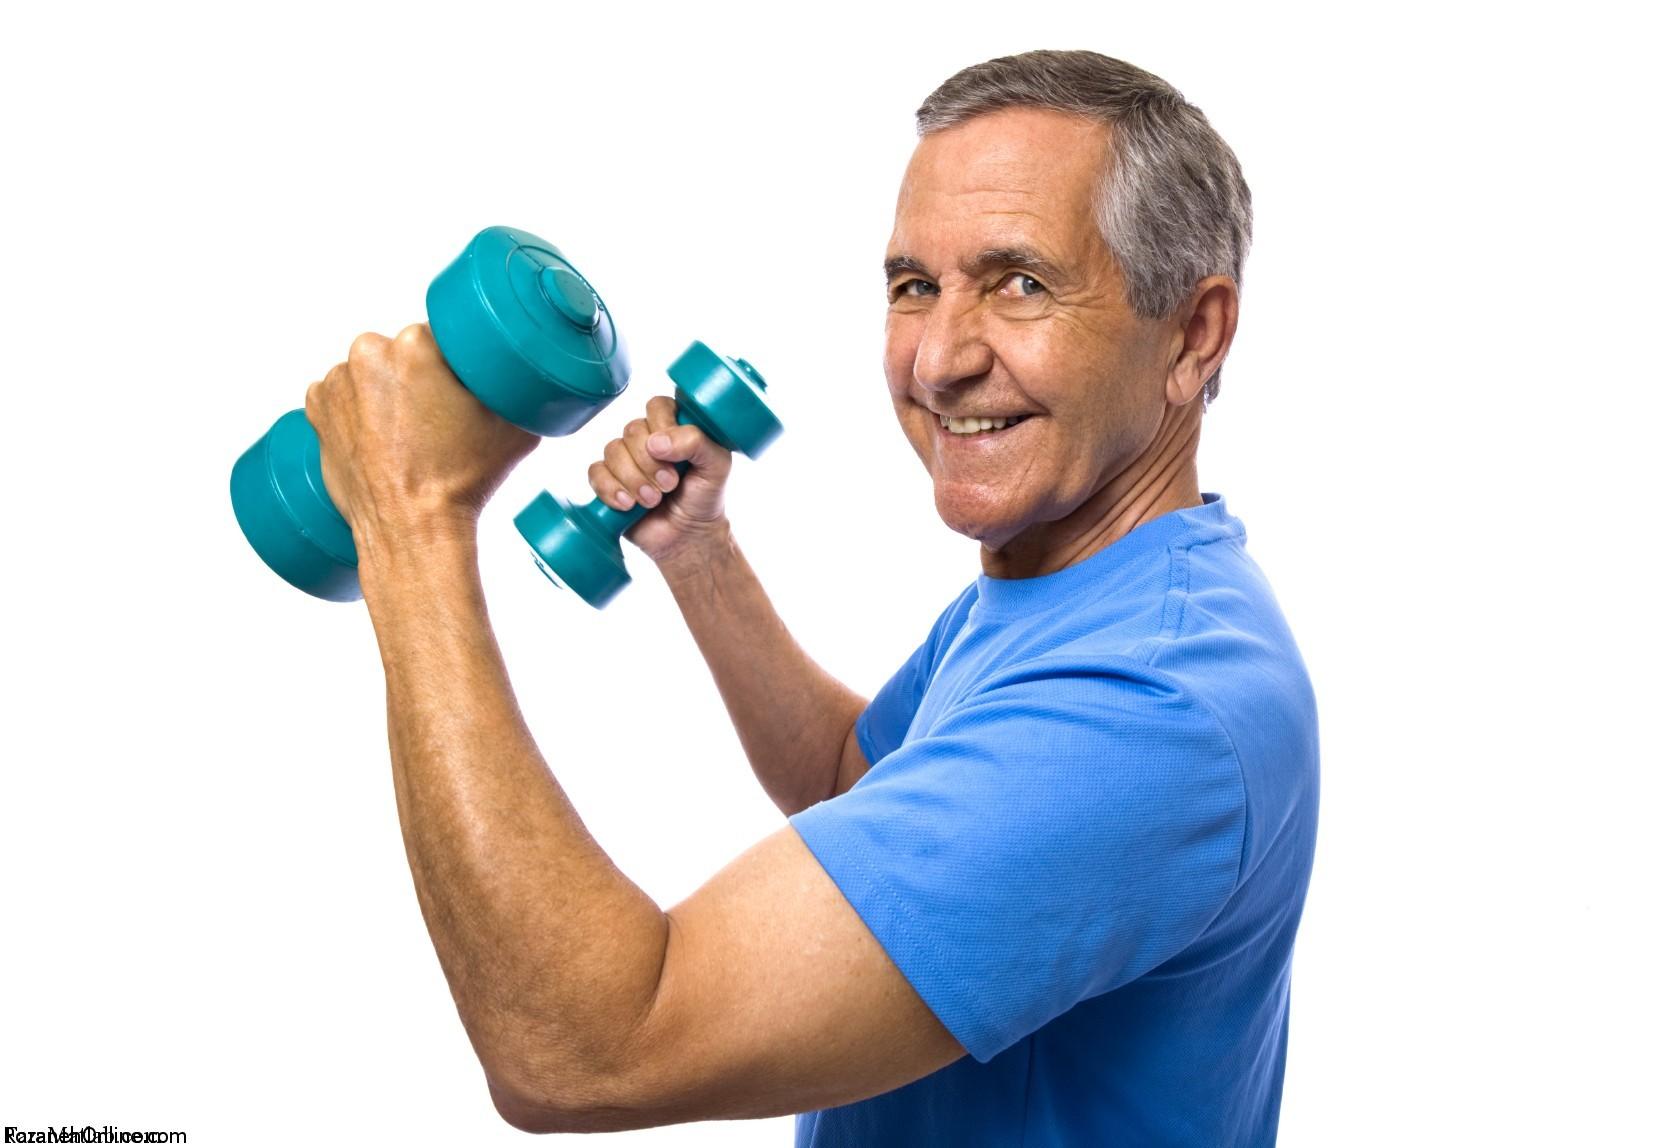 توصیه های مفید ورزشی برای بیماران آرتریتی و قلبی